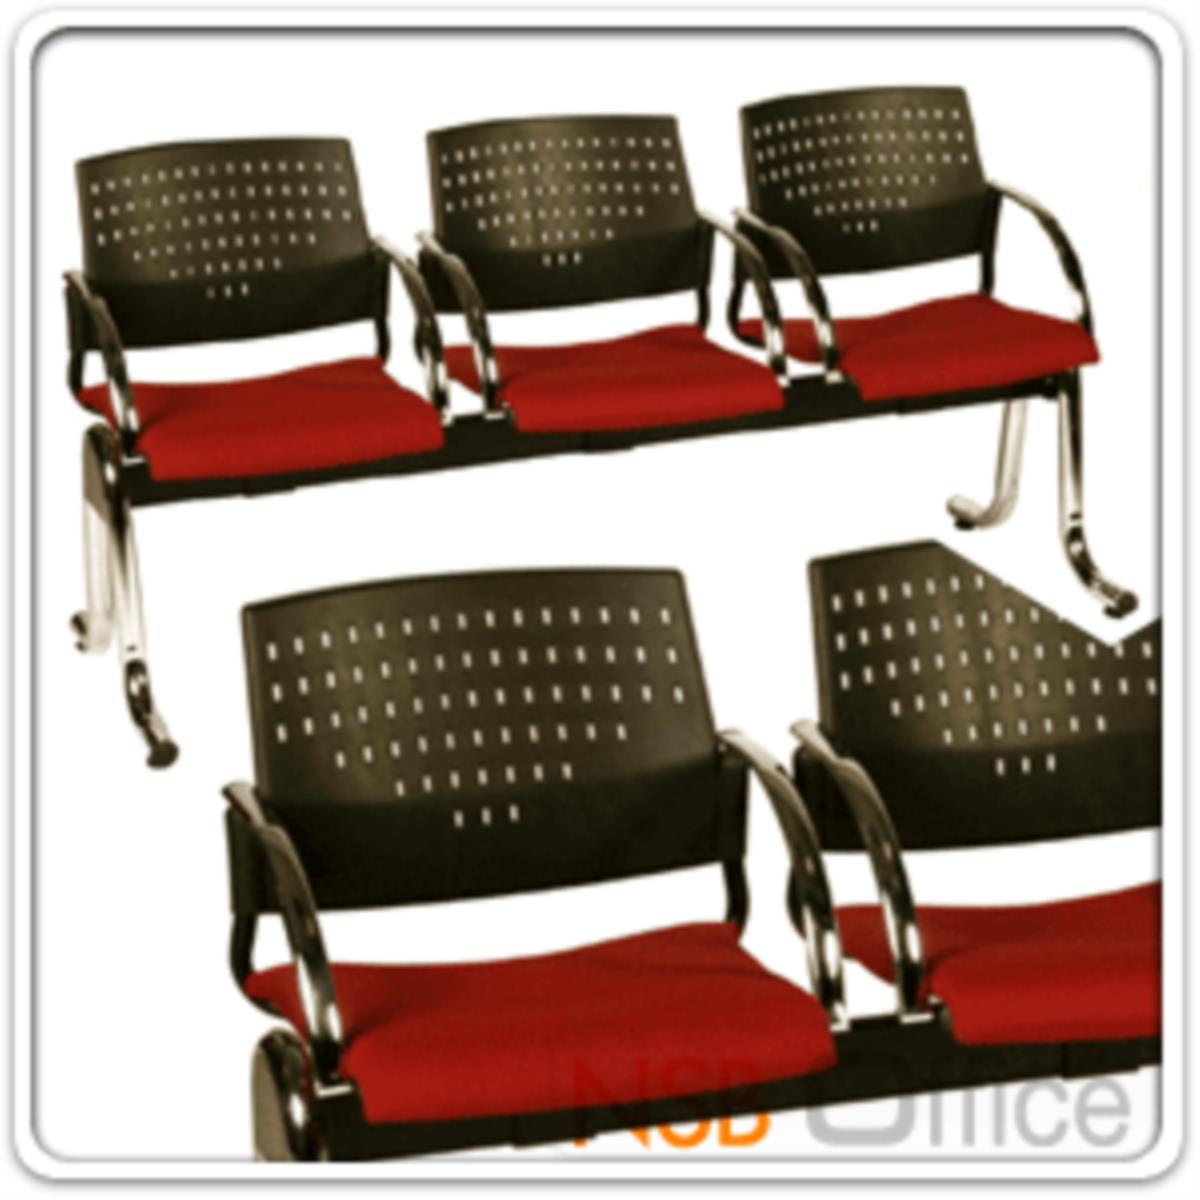 เก้าอี้นั่งคอยเฟรมโพลี่ รุ่น B916 2 ,3 ,4 ที่นั่ง ขนาด 105W ,164W ,215W cm. ขาเหล็ก